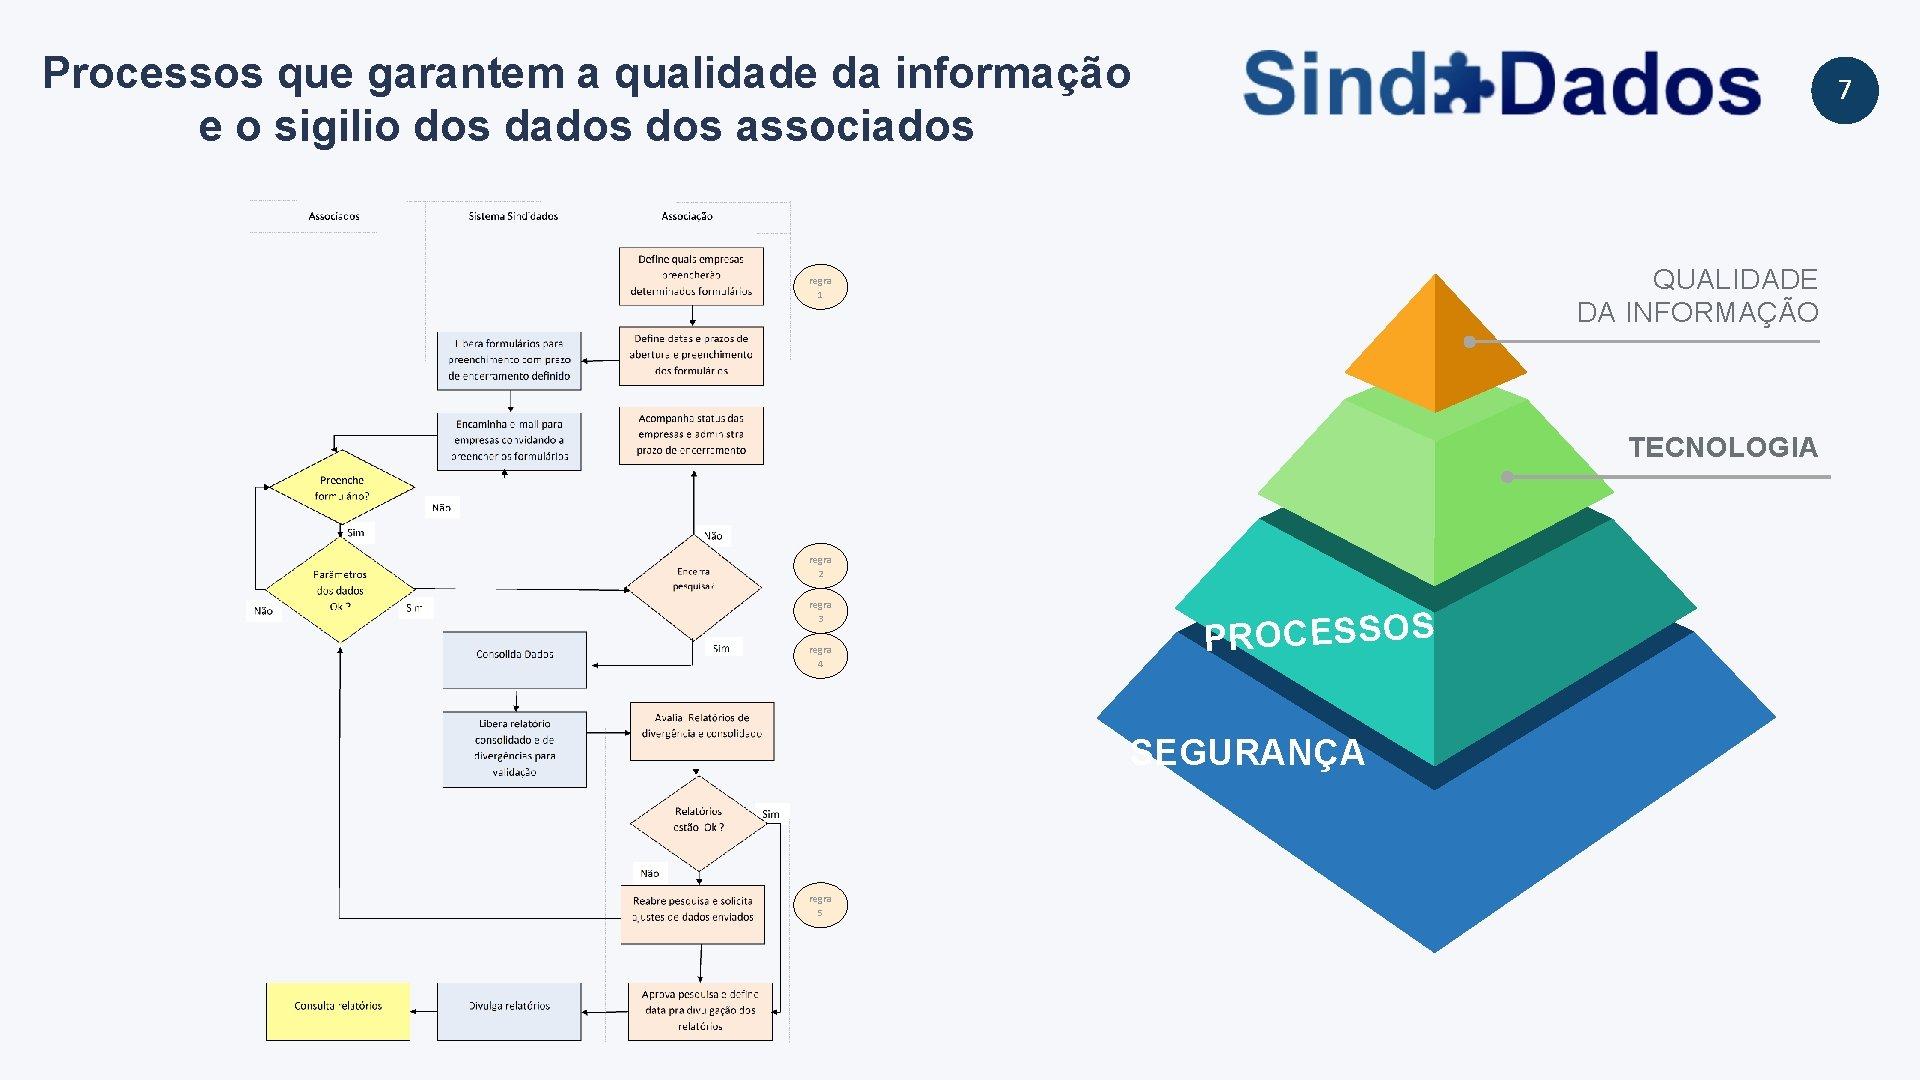 Processos que garantem a qualidade da informação e o sigilio dos dados associados 7